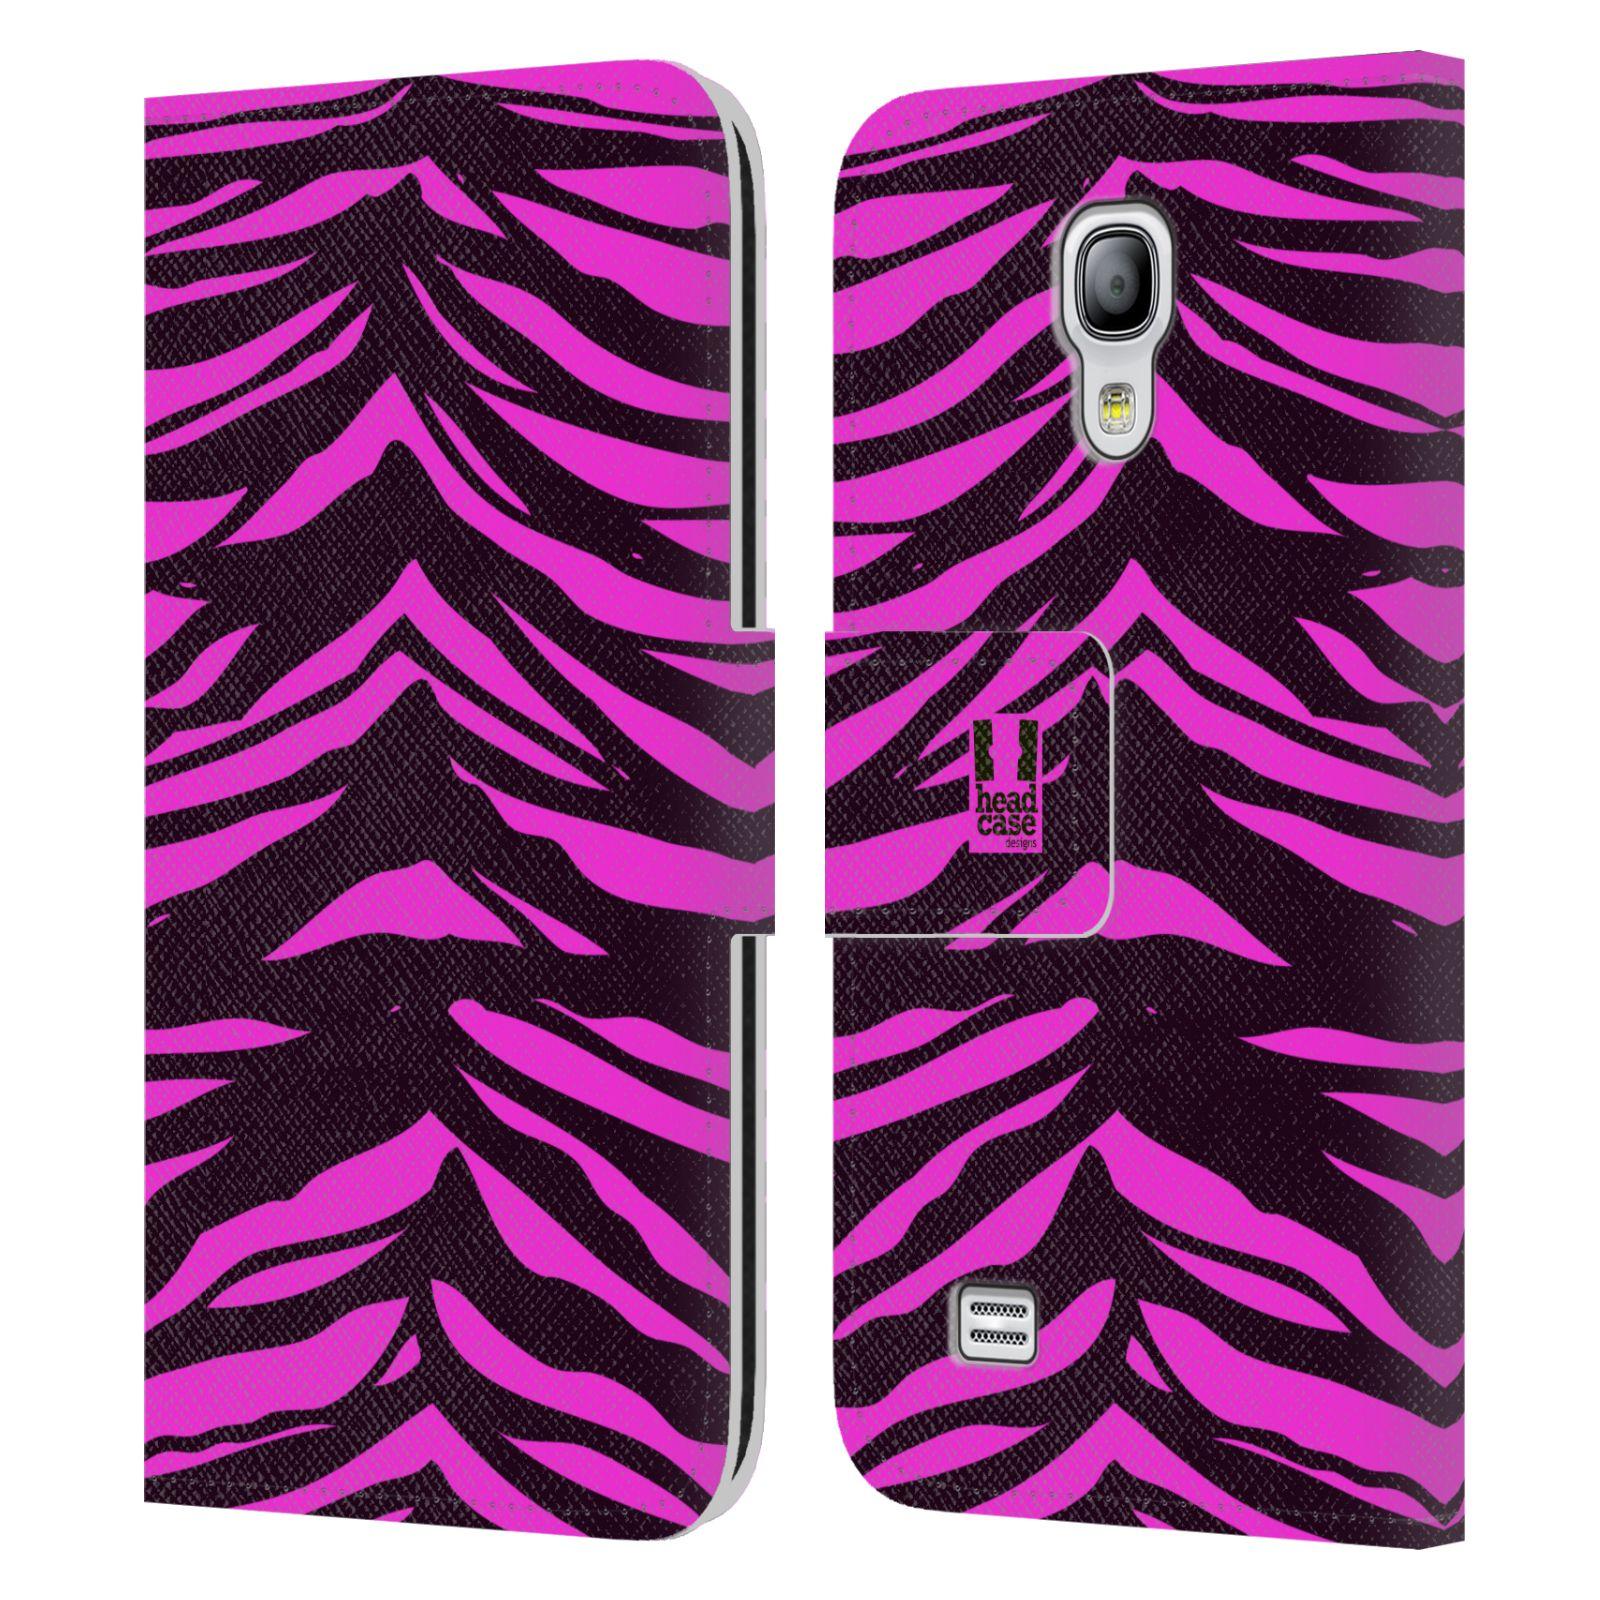 HEAD CASE Flipové pouzdro pro mobil Samsung Galaxy S4 MINI / S4 MINI DUOS Zvířecí barevné vzory fialová tygr